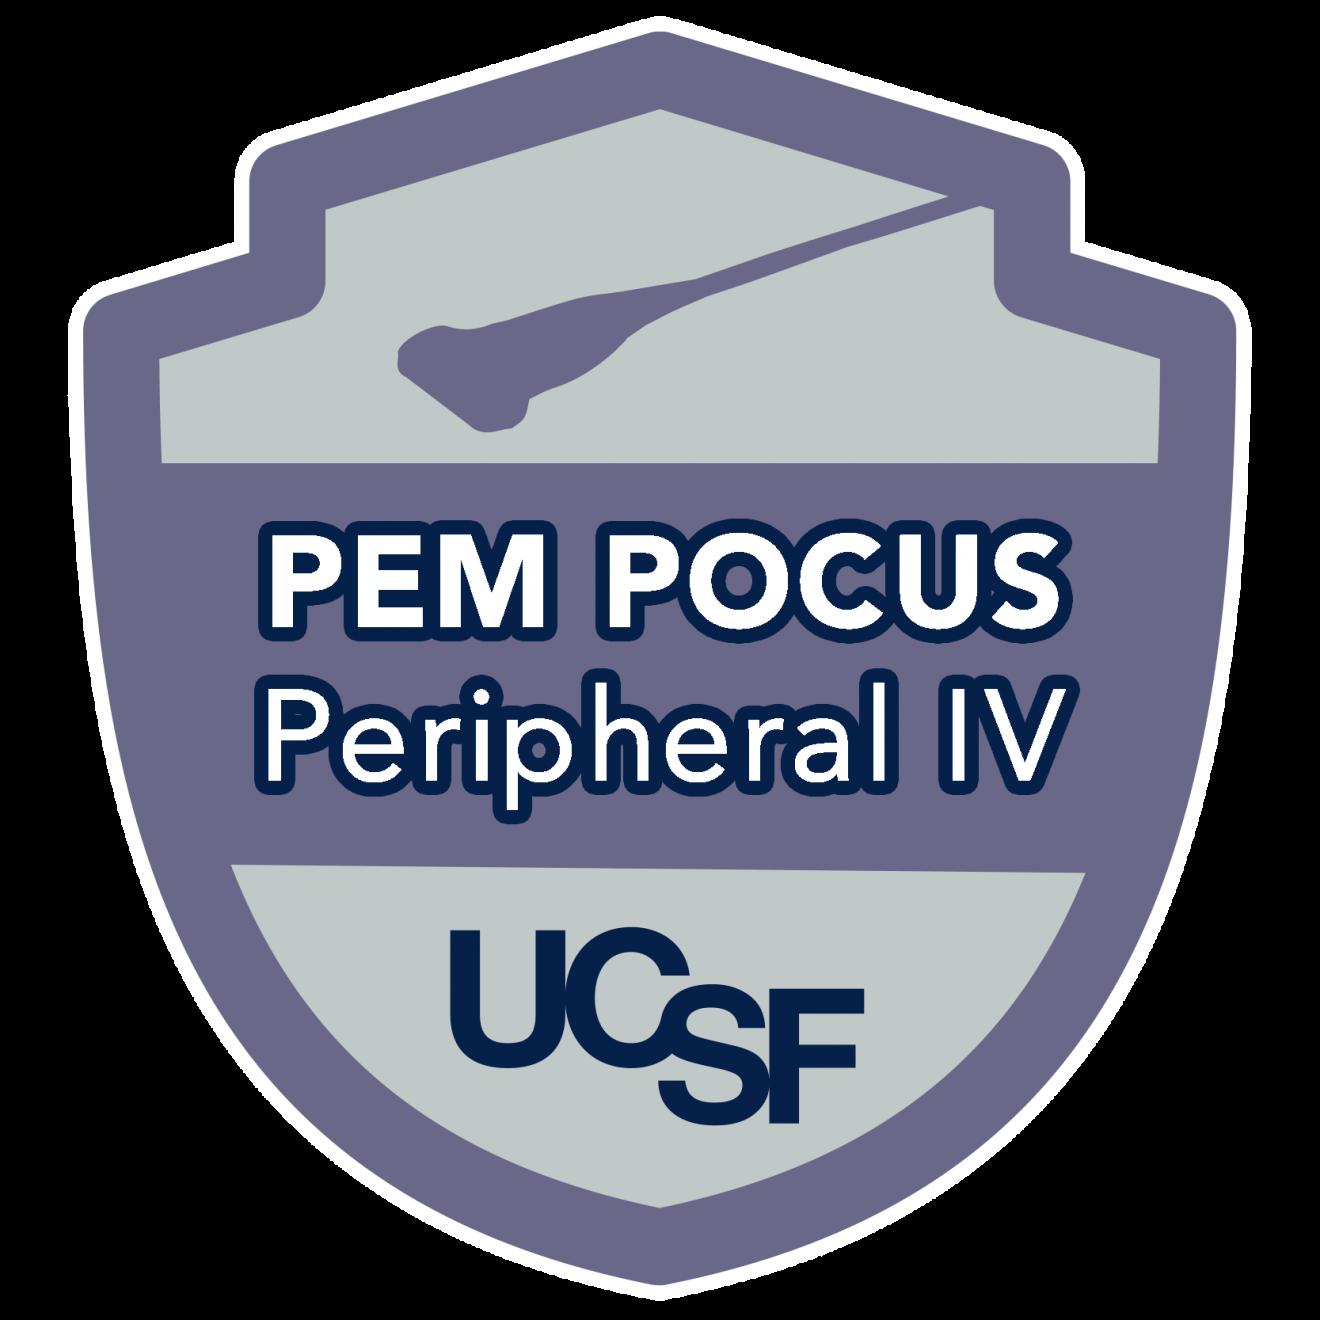 PEM POCUS Peripheral IV